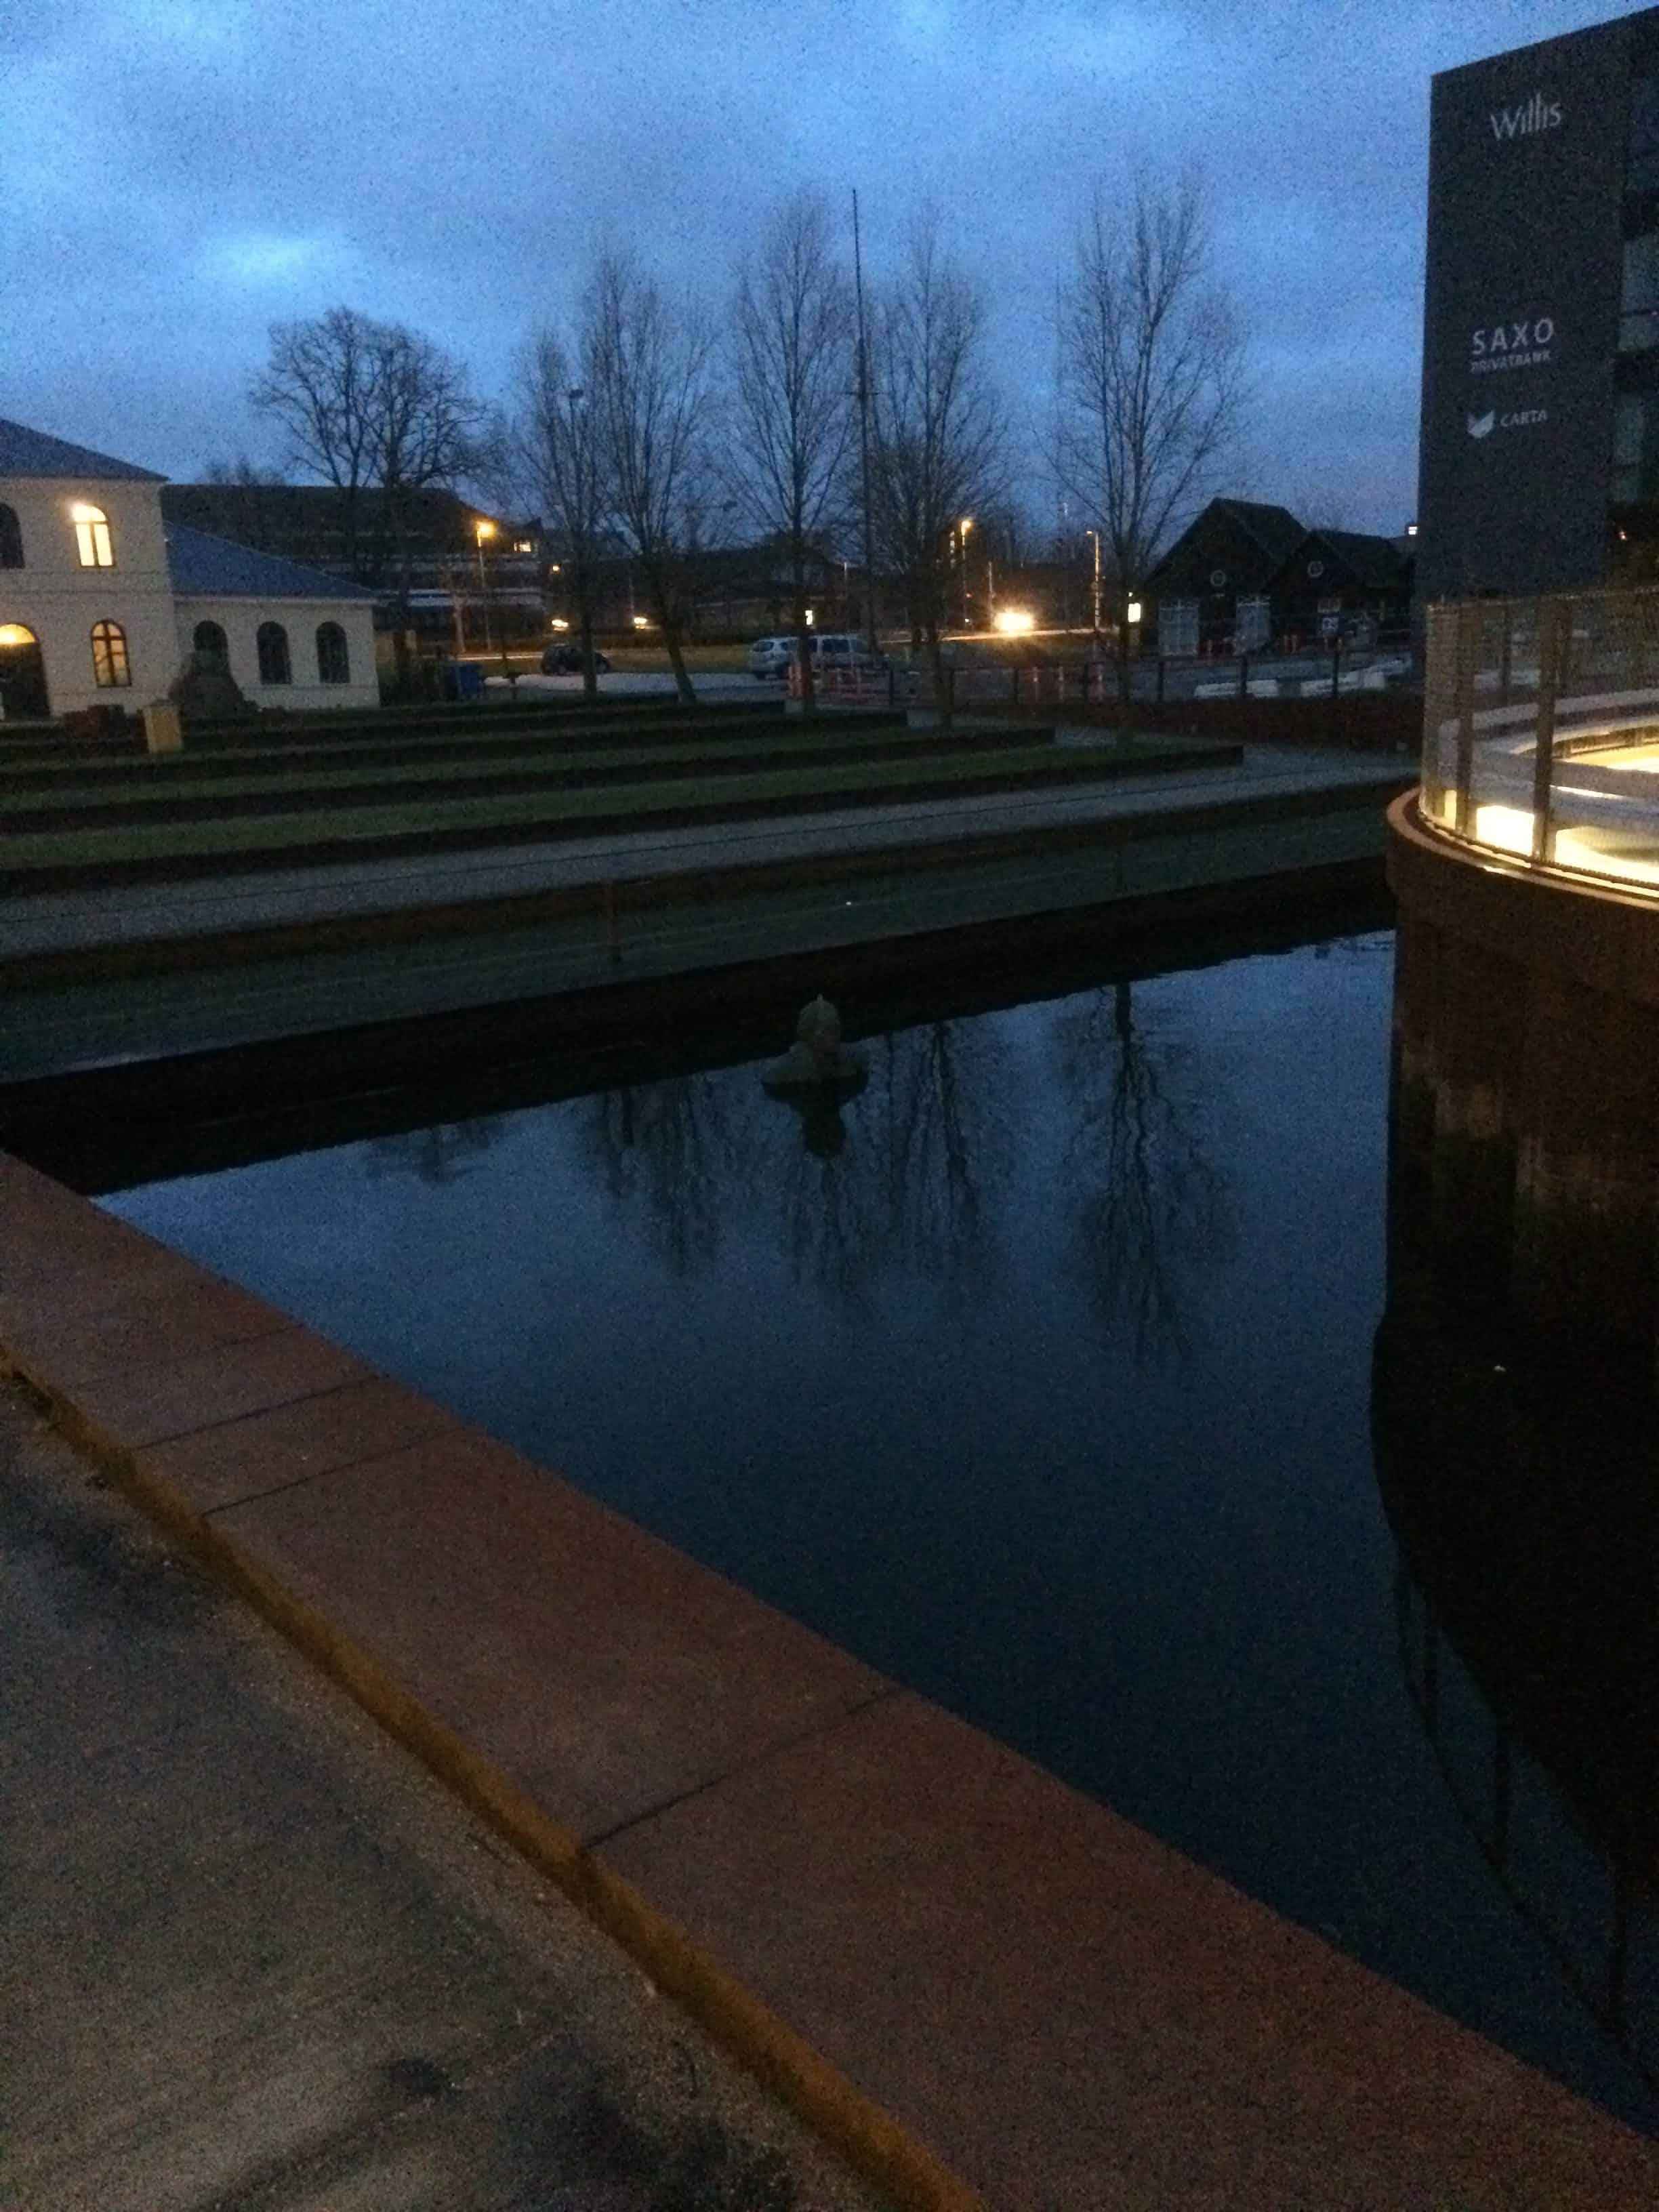 Galshiøts HCA figur i Odense havn